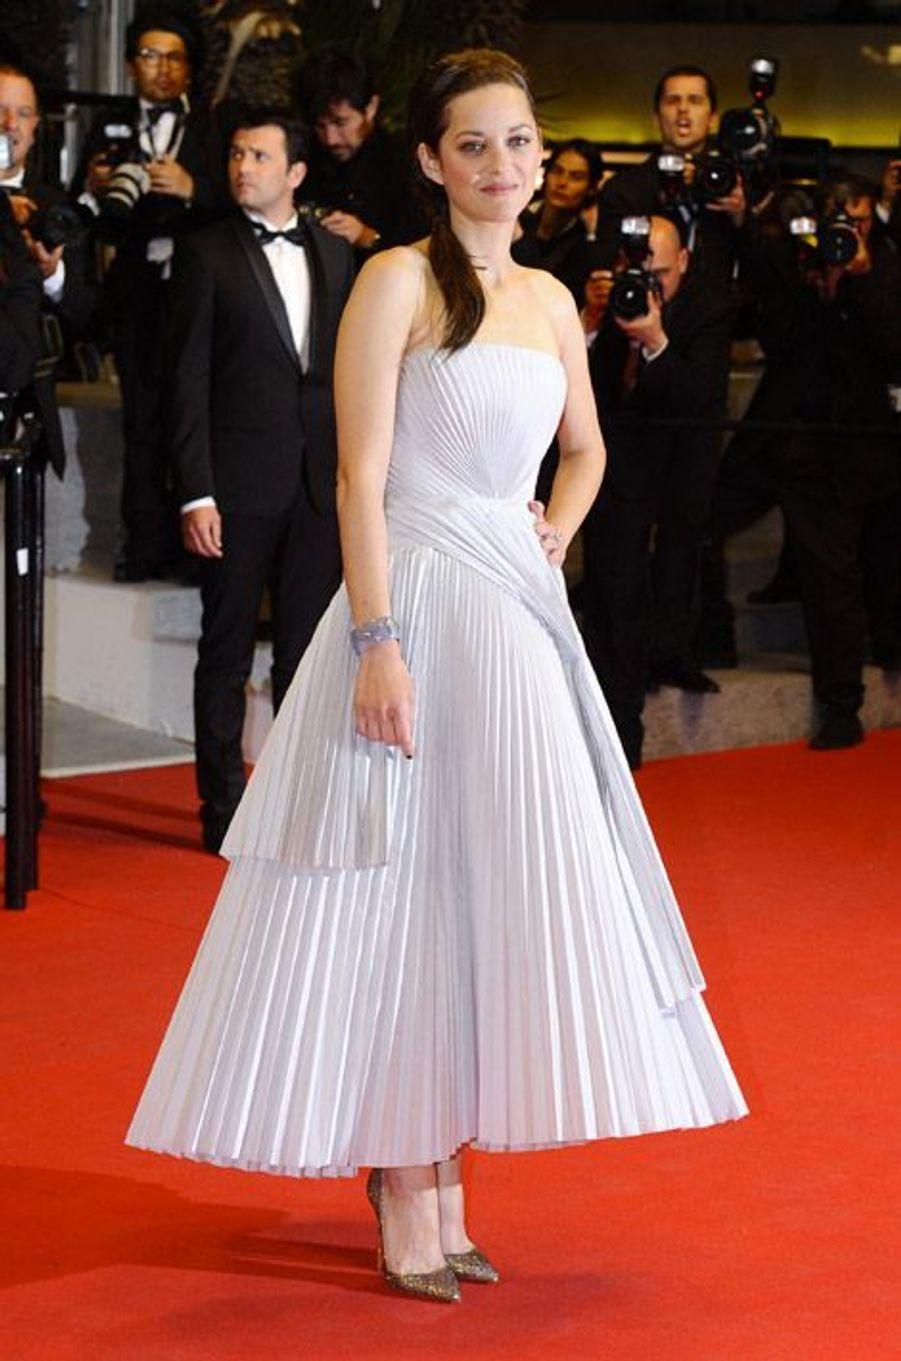 Marion Cotillard en Christian Louboutin lors du Festival de Cannes, le 21 mai 2014